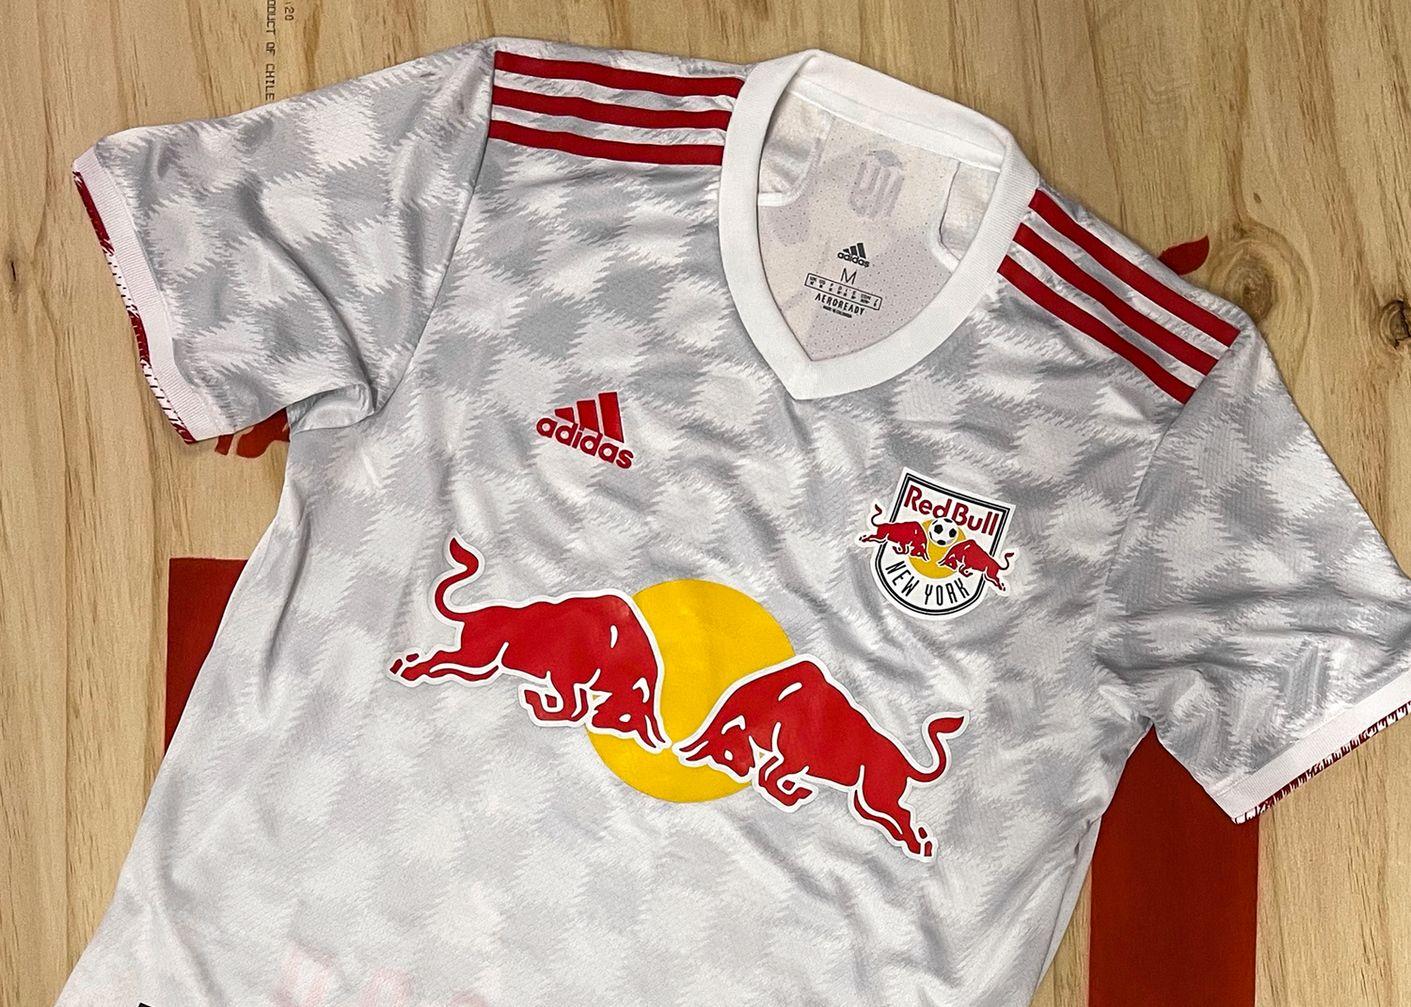 Camiseta adidas del New York Red Bulls 2021/22